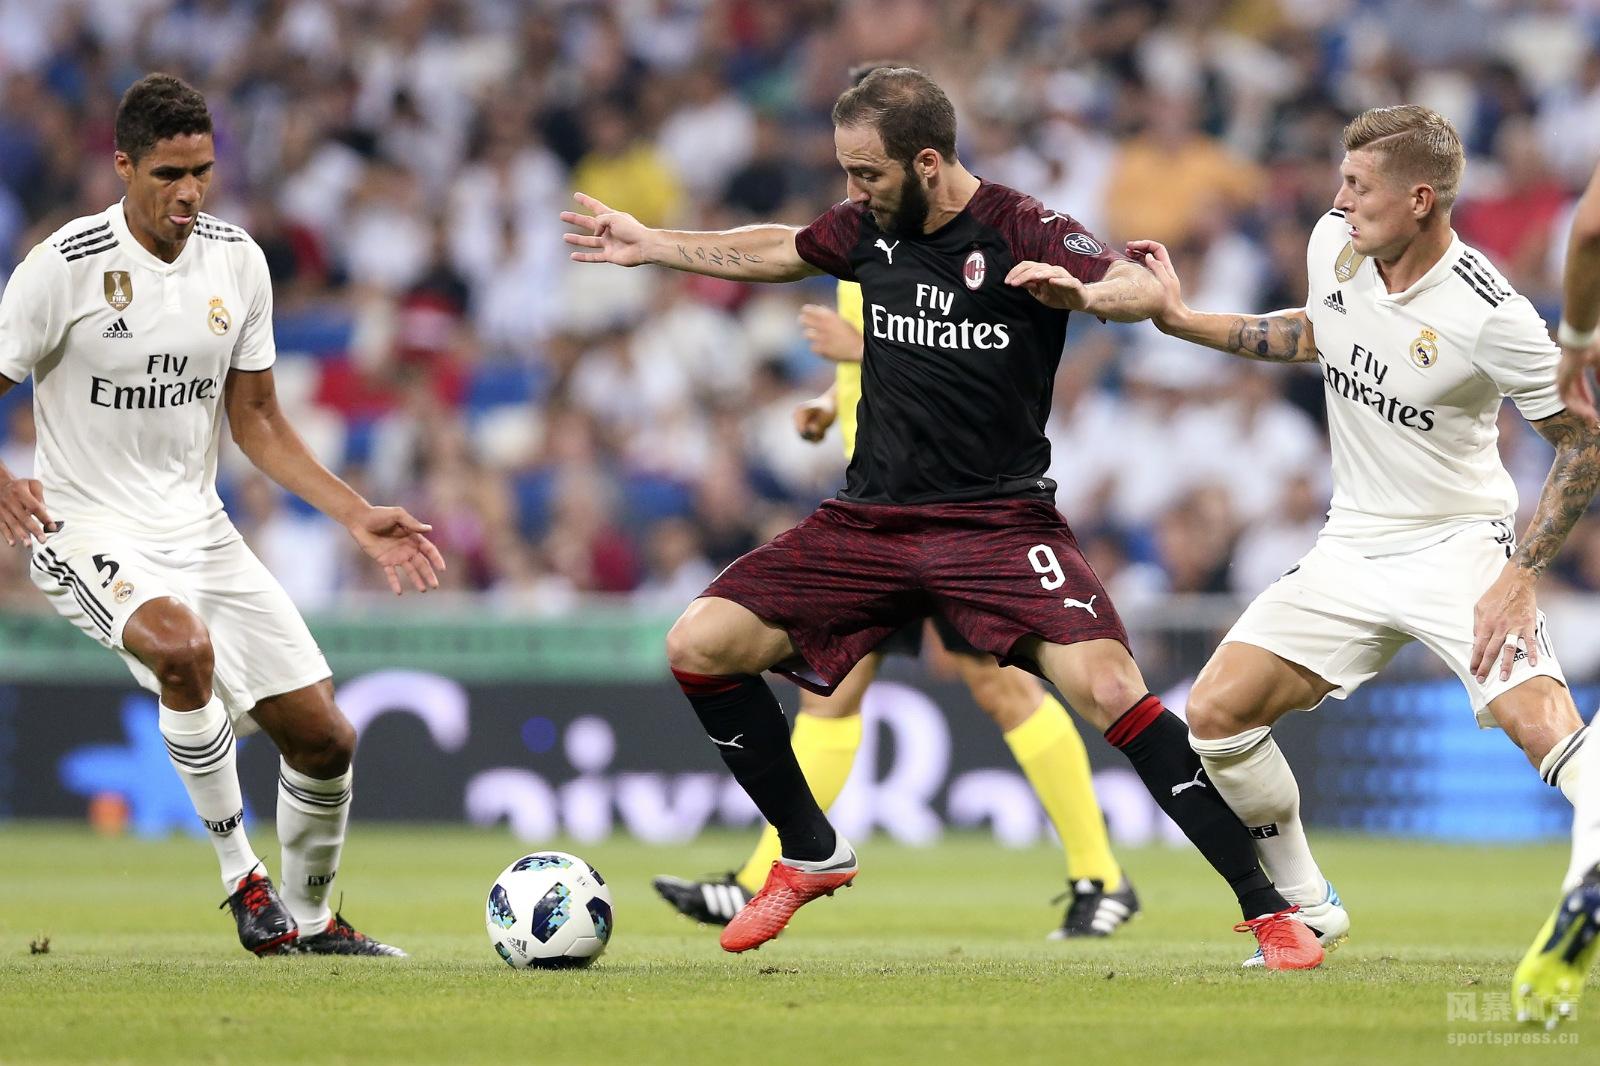 12日,米兰与皇马展开了伯纳乌杯的争夺,开场第二分钟本泽马就闪击得手,随后伊瓜因贴地斩还以颜色,贝尔马约拉尔进球助皇马锁定胜局。最终皇马3-1击败米兰,捧起伯纳乌杯。